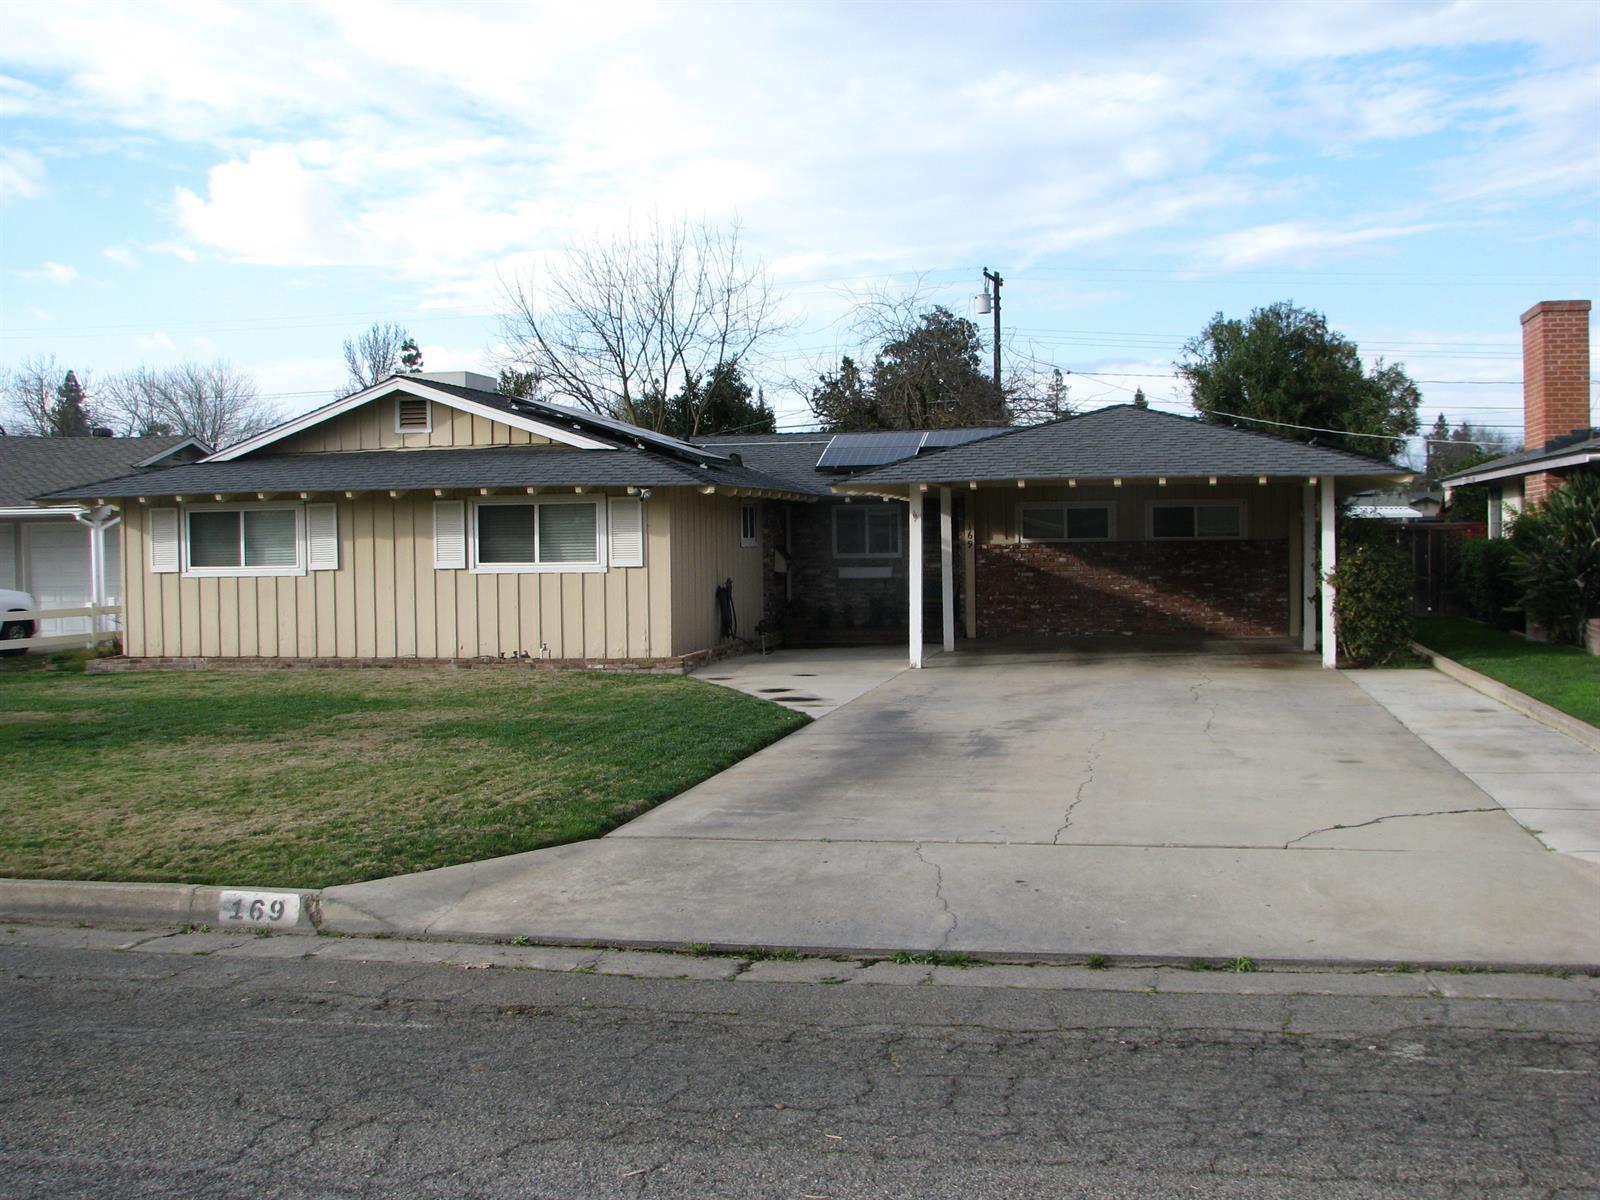 169 N Park Dr, Madera, CA 93637